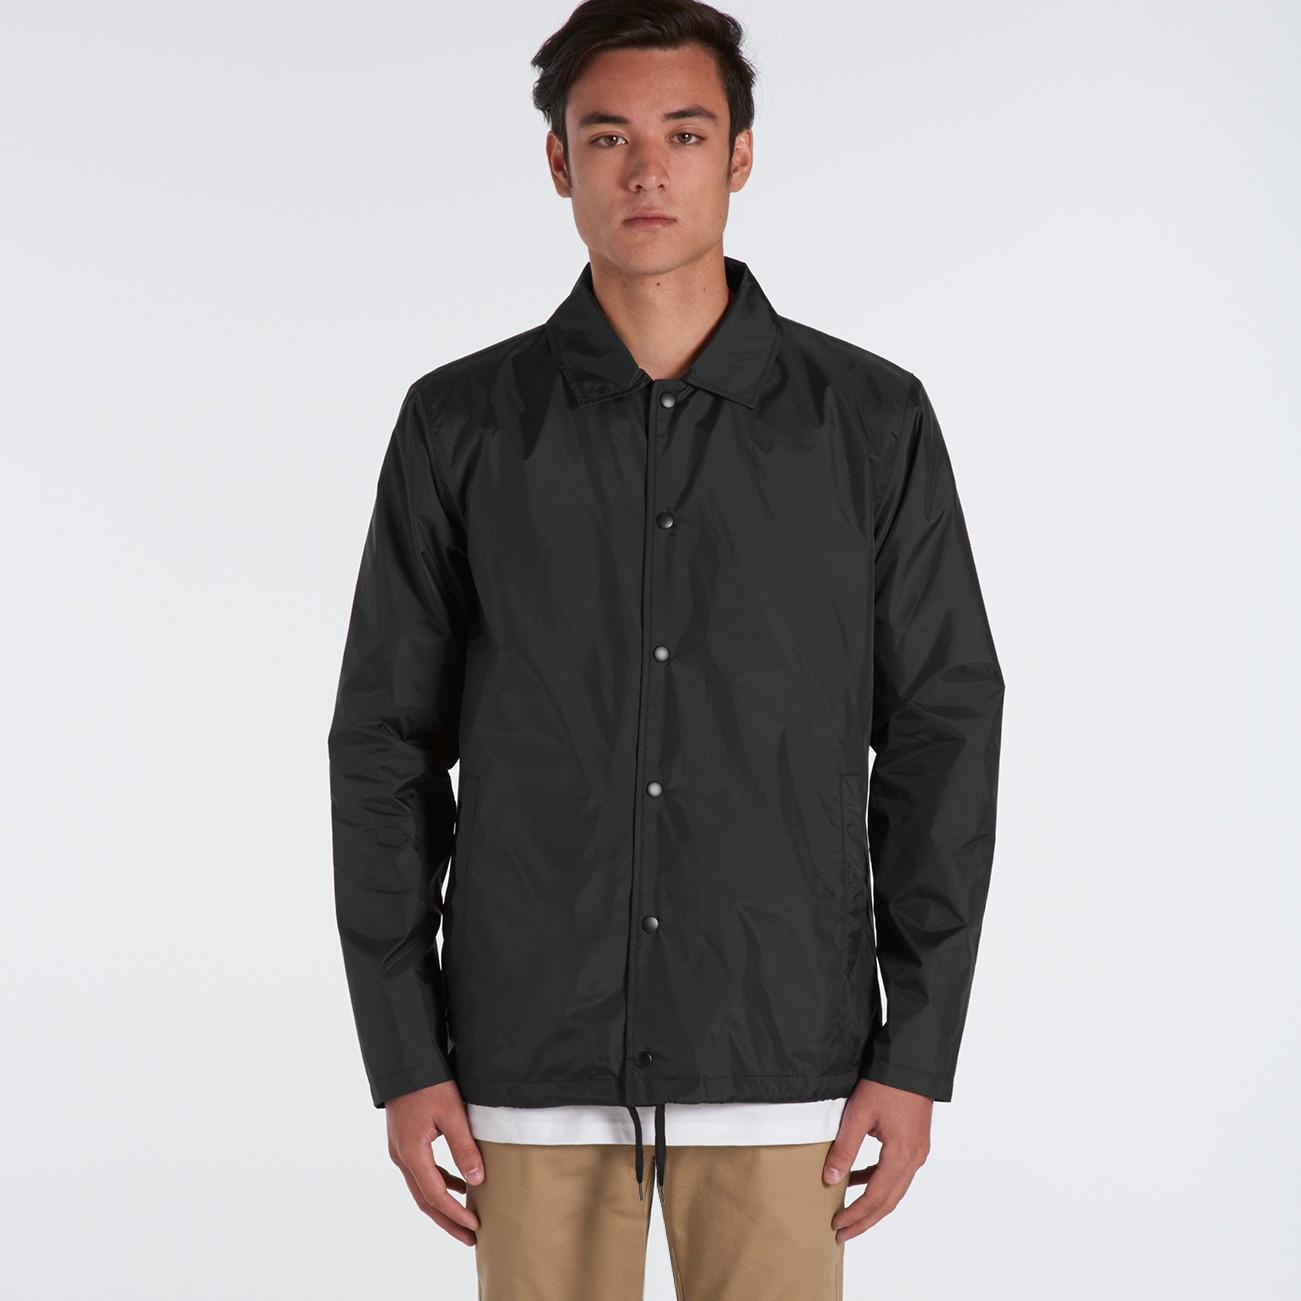 Coach Jacket,Windbreaker Jacket,Water resistant Jacket,Water Repelent Jacket